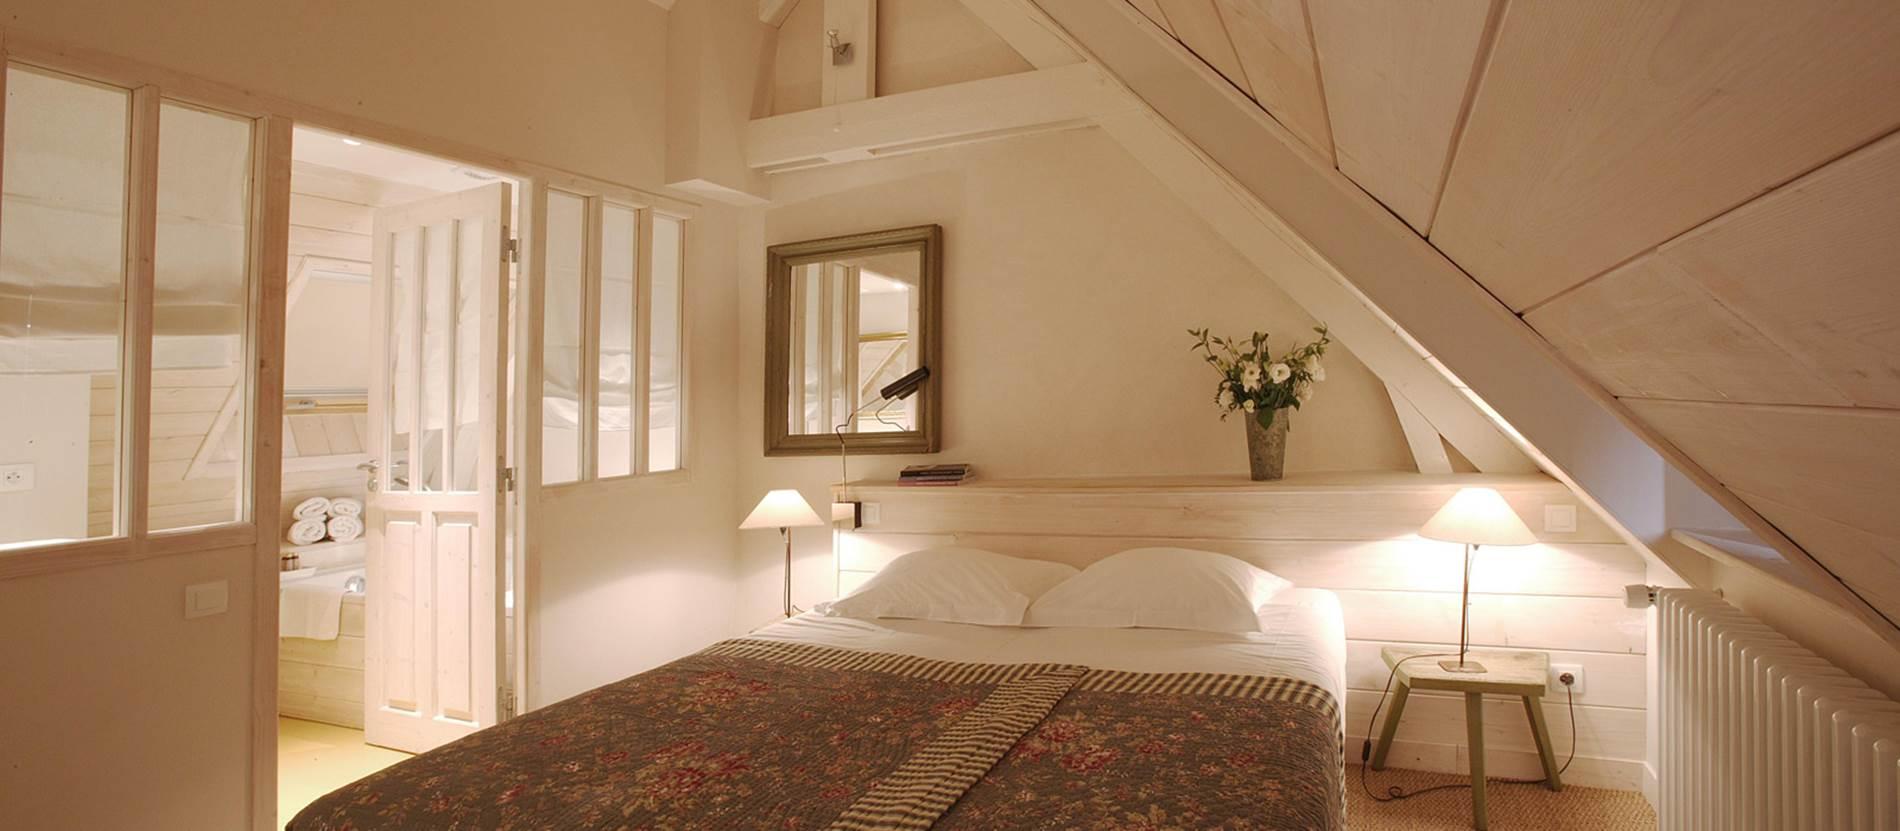 Hôtel Le Lodge Kerisper - LA TRINITE SUR MER - Morbihan Bretagne Sud  © G Plisson